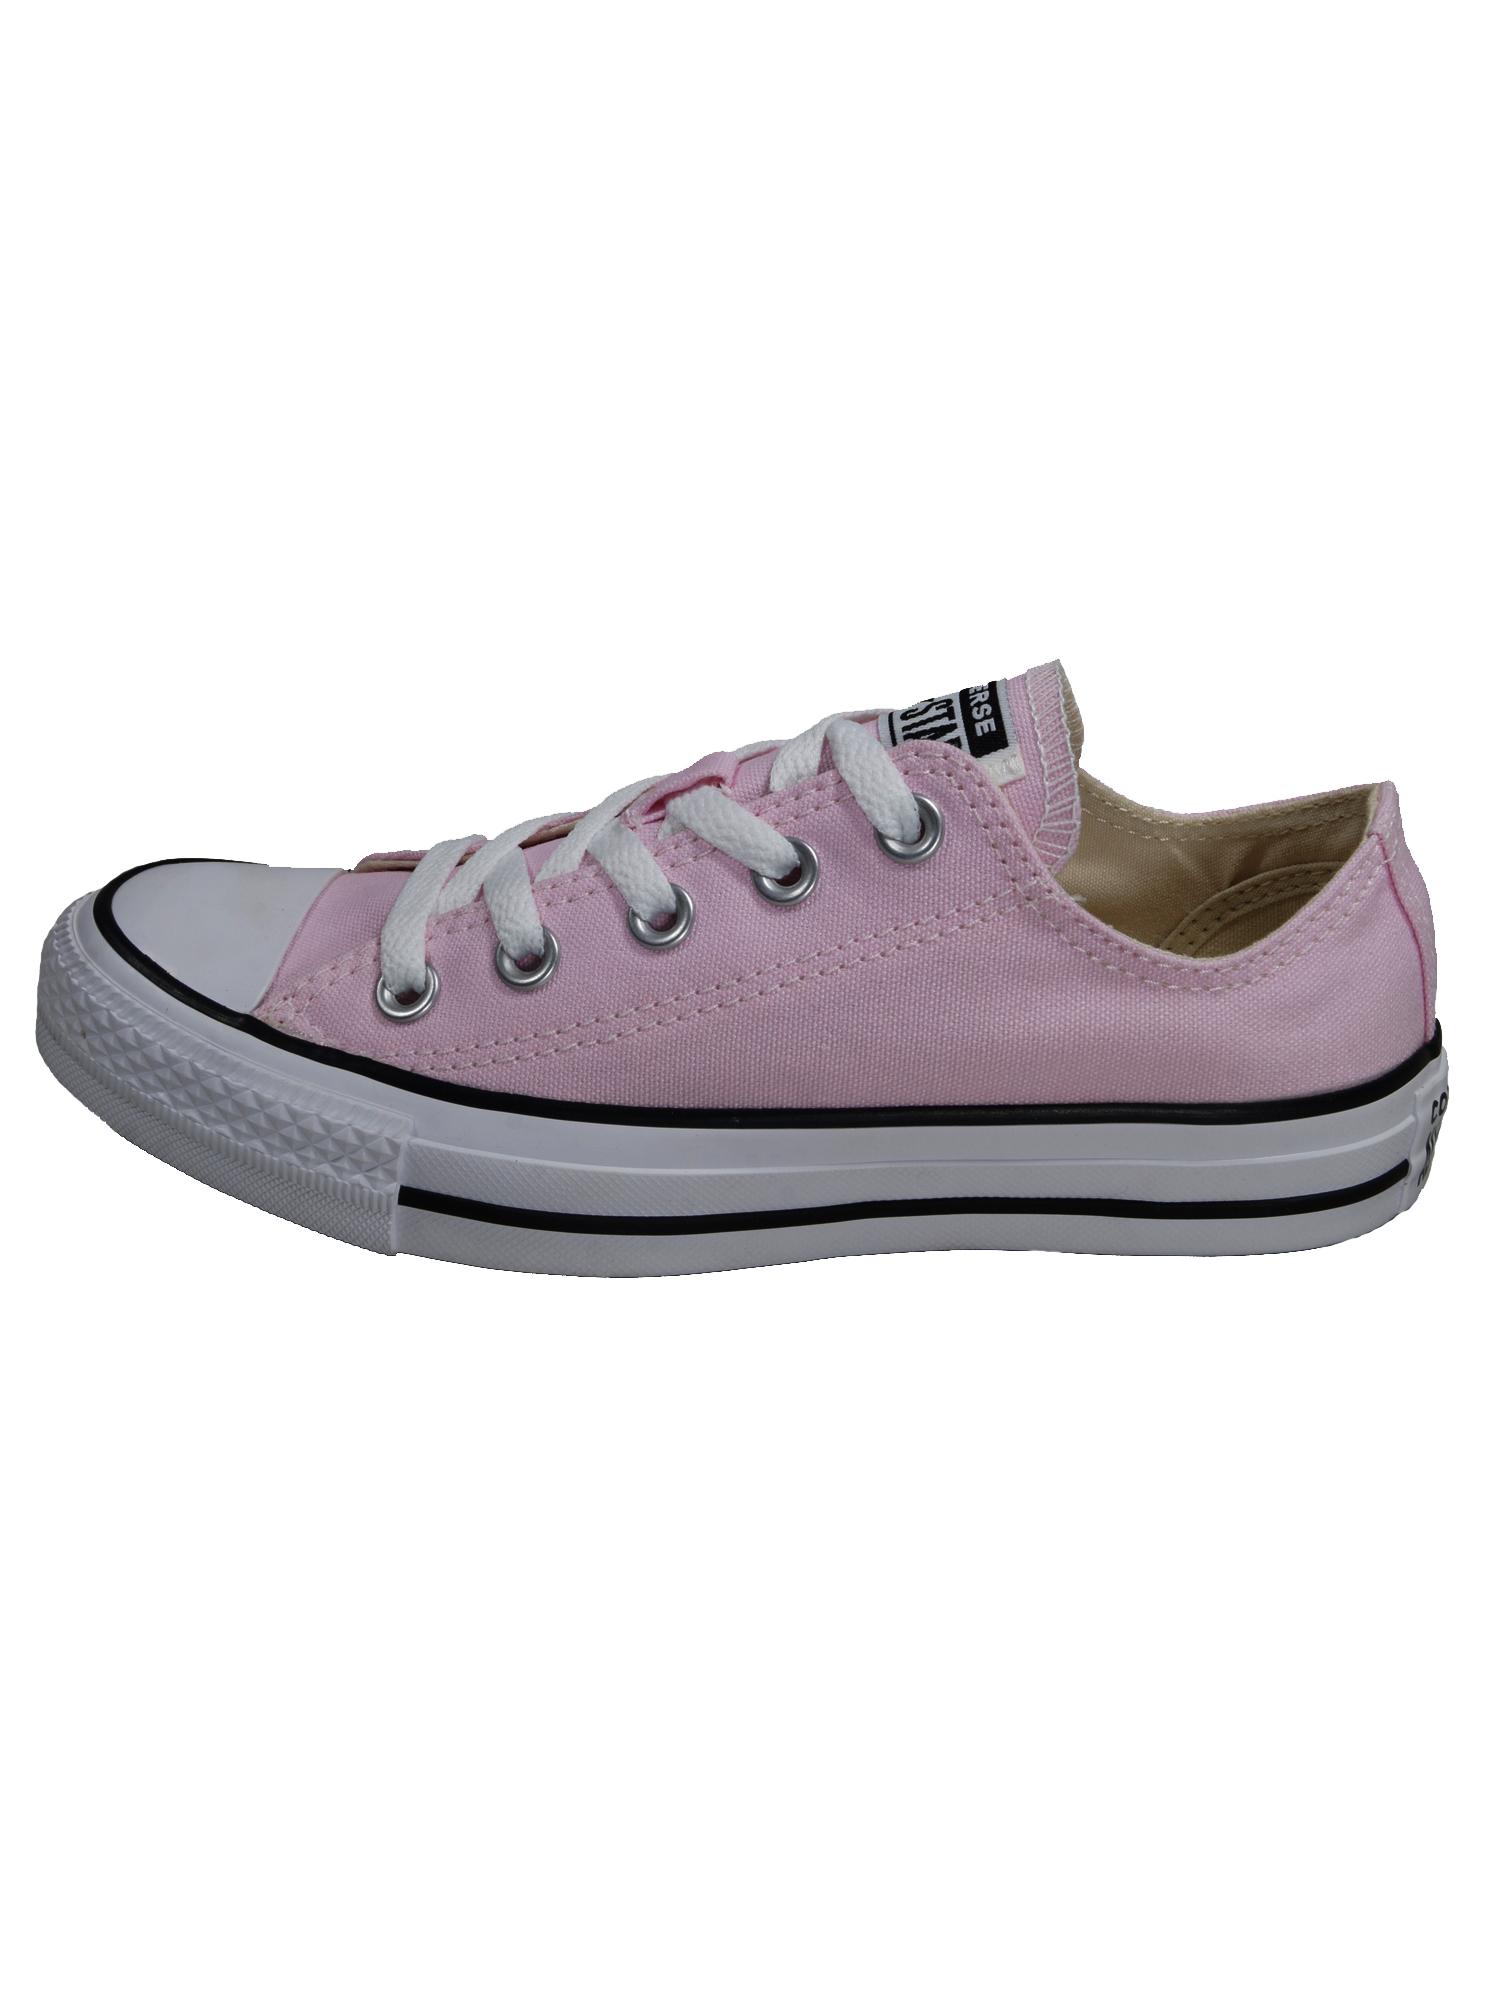 Converse Damen Schuhe CT All Star Ox Rosa Leinen Sneakers Größe 36, 5